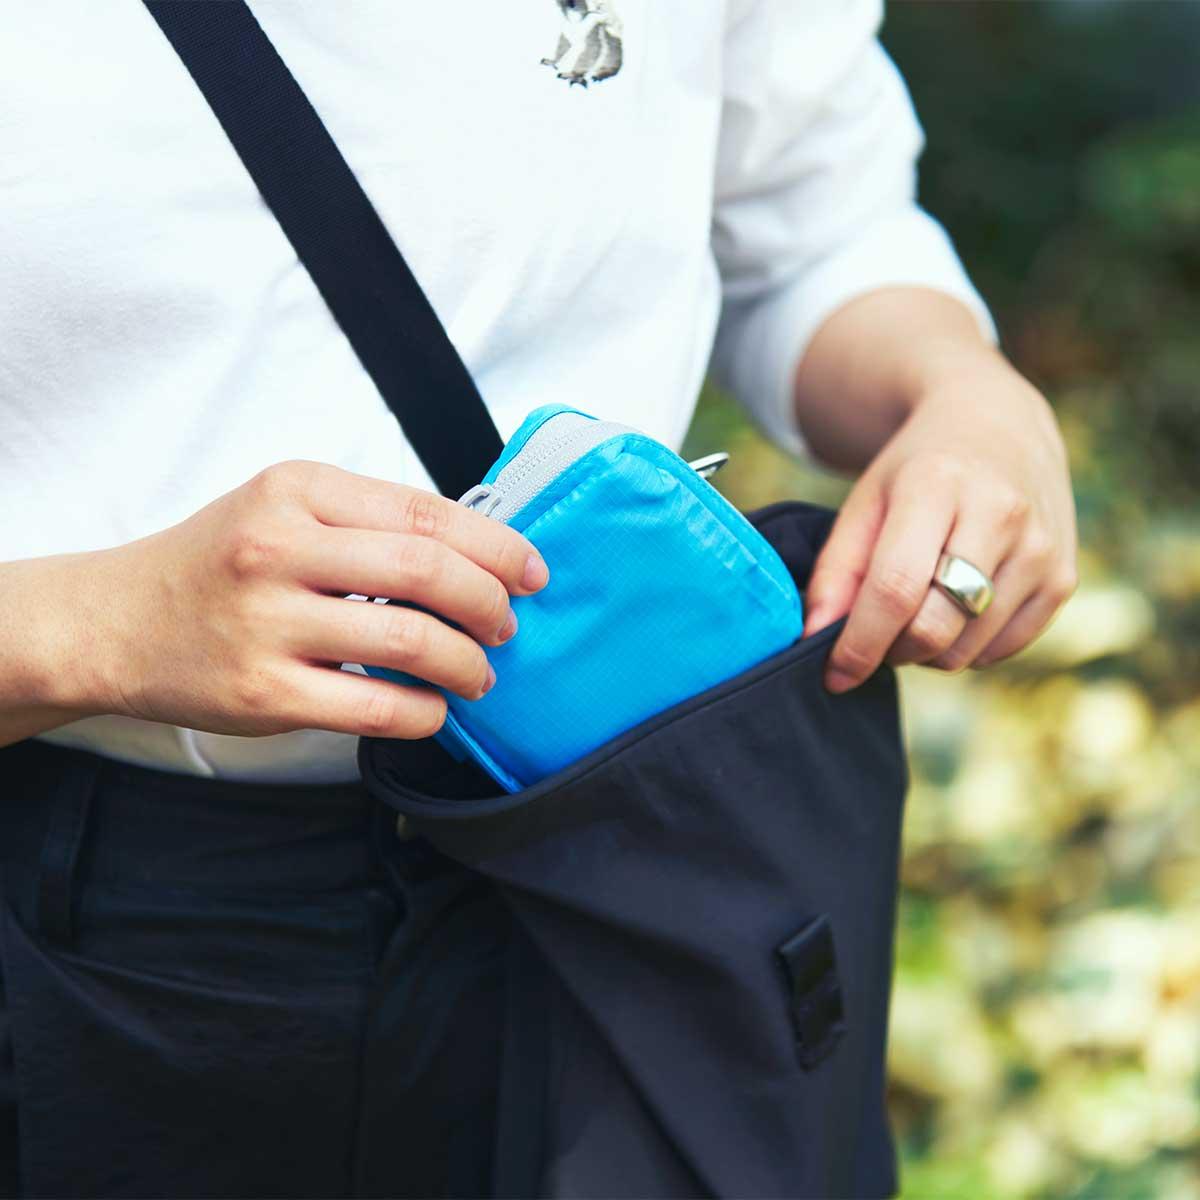 毎日気持ちよく買い物ができるよう、生地には抗菌防臭加工も施されています。ファッションに合わせて選べる豊富なカラー展開。スマートに持ち歩ける折りたたみエコバッグ|KATOKOA